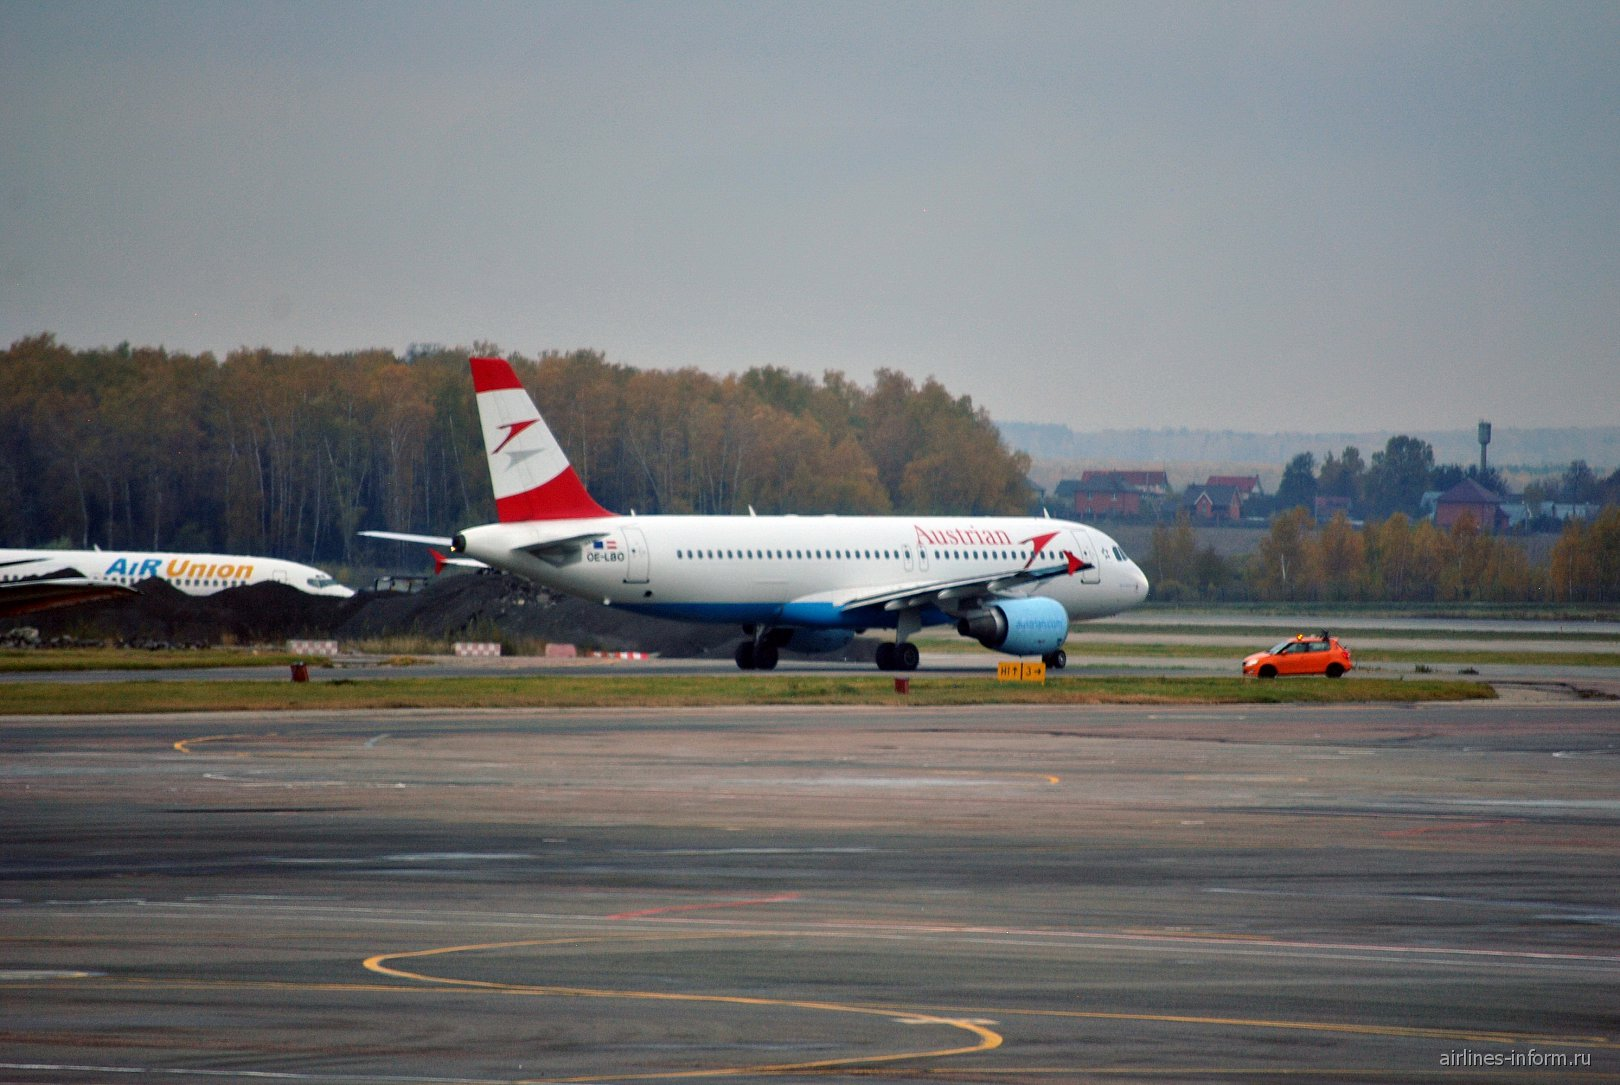 Airbus A320 Австрийских авиалиний в аэропорту Домодедово